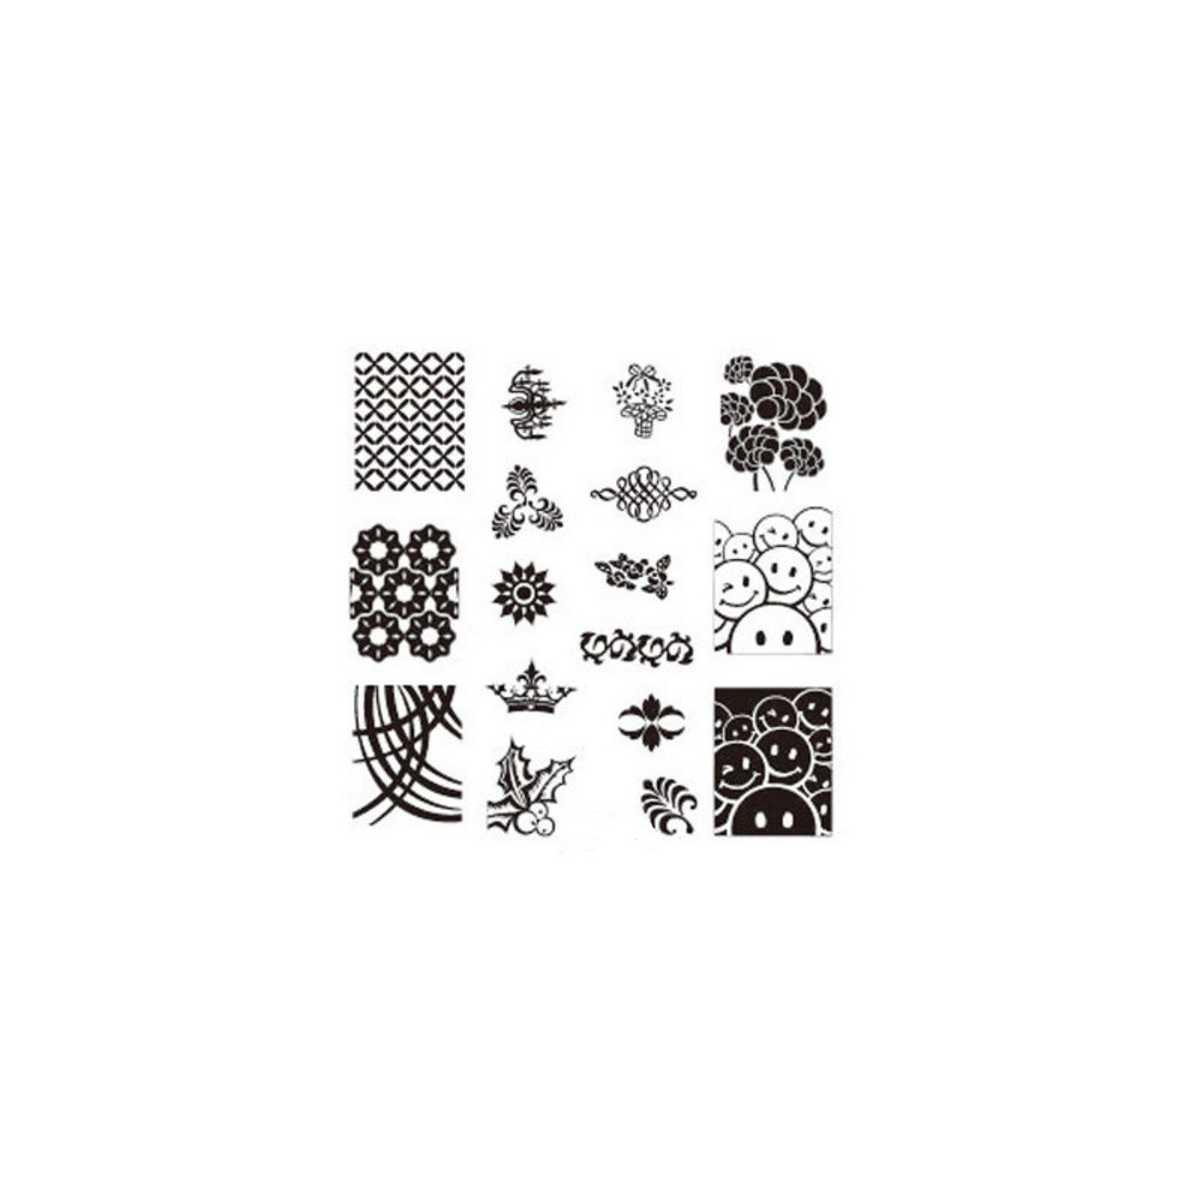 https://www.kit-manucure.com/1003-thickbox_default/plaque-de-stamping-smiley-feuillage-couronne-et-fleur.jpg